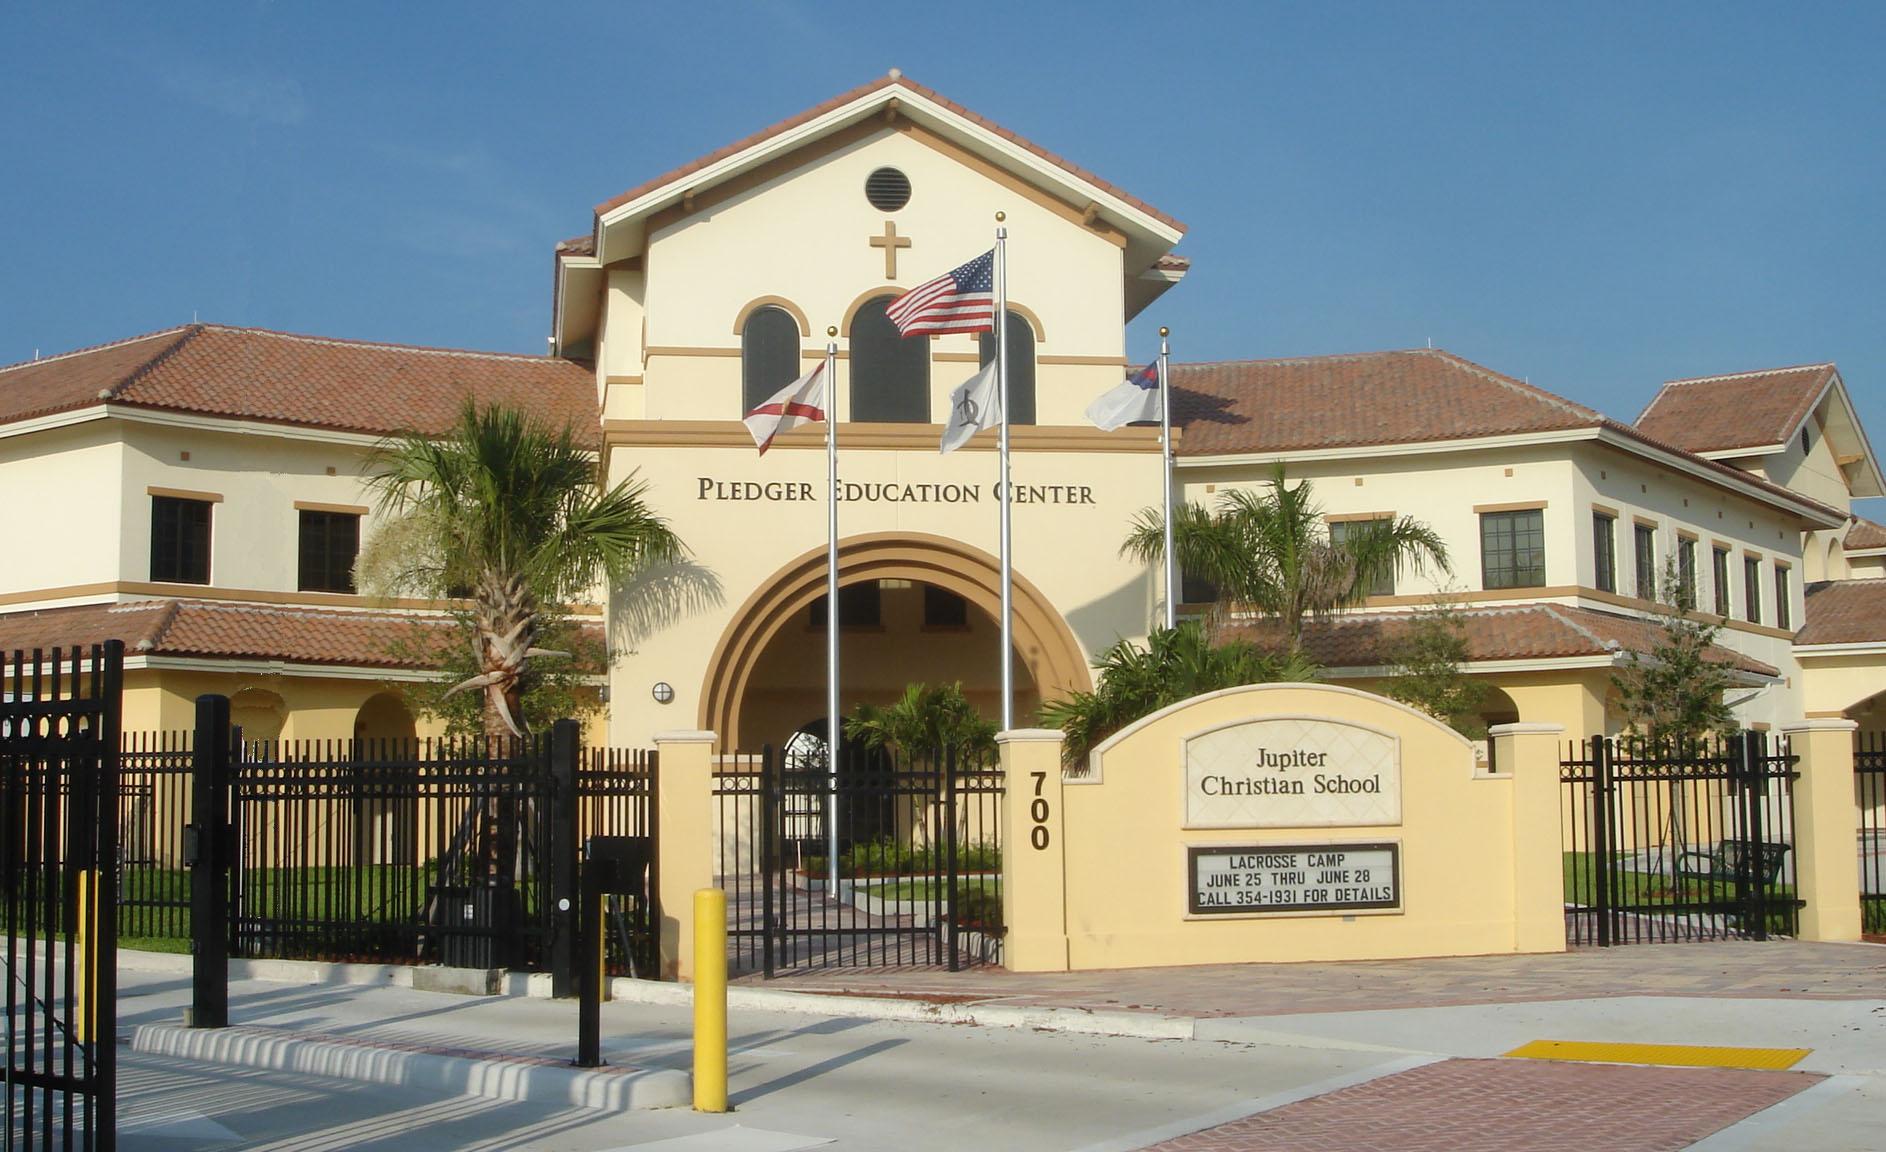 Jupiter Christen School